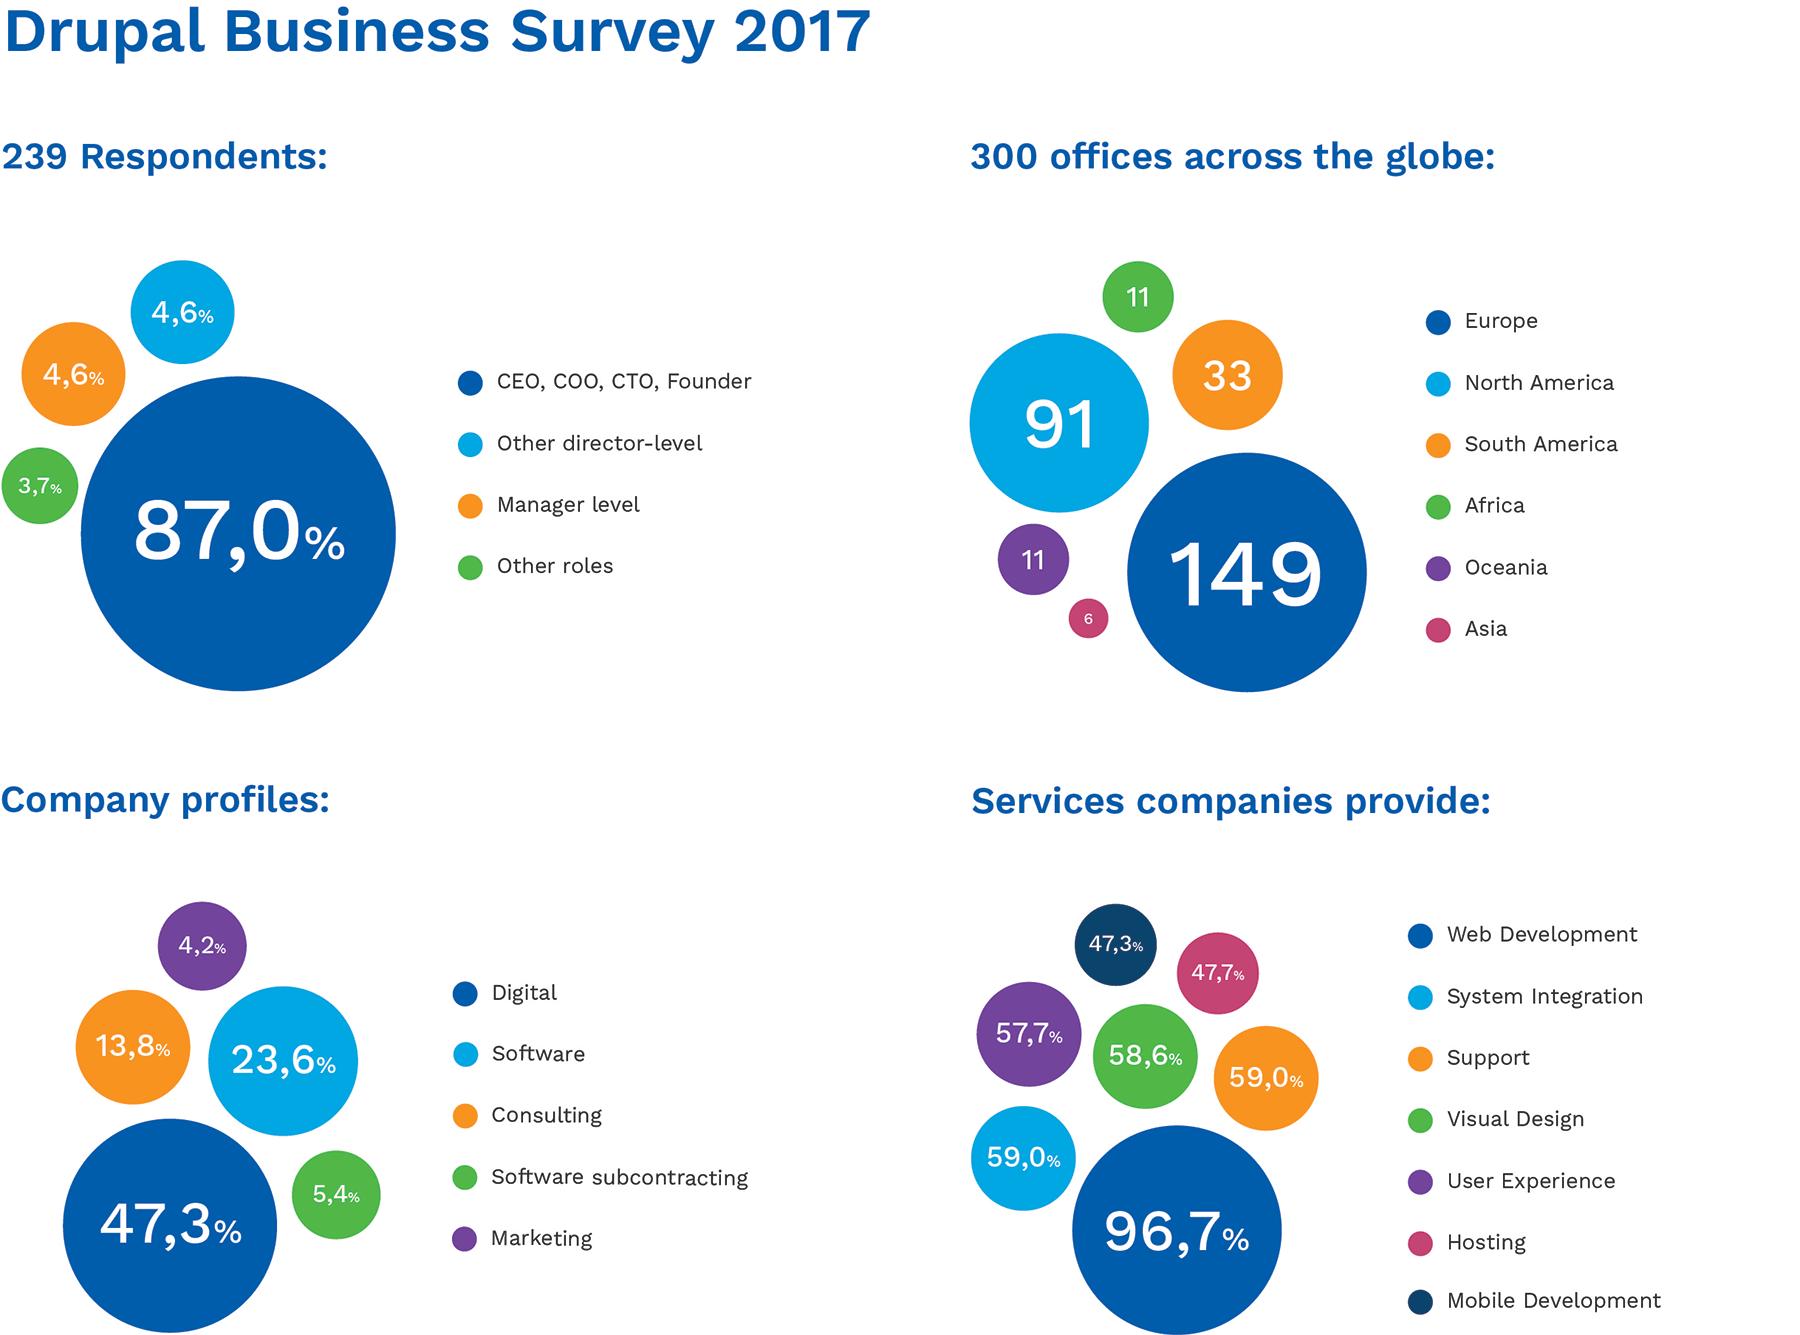 Drupal Business Survey 2017 -  Respondents